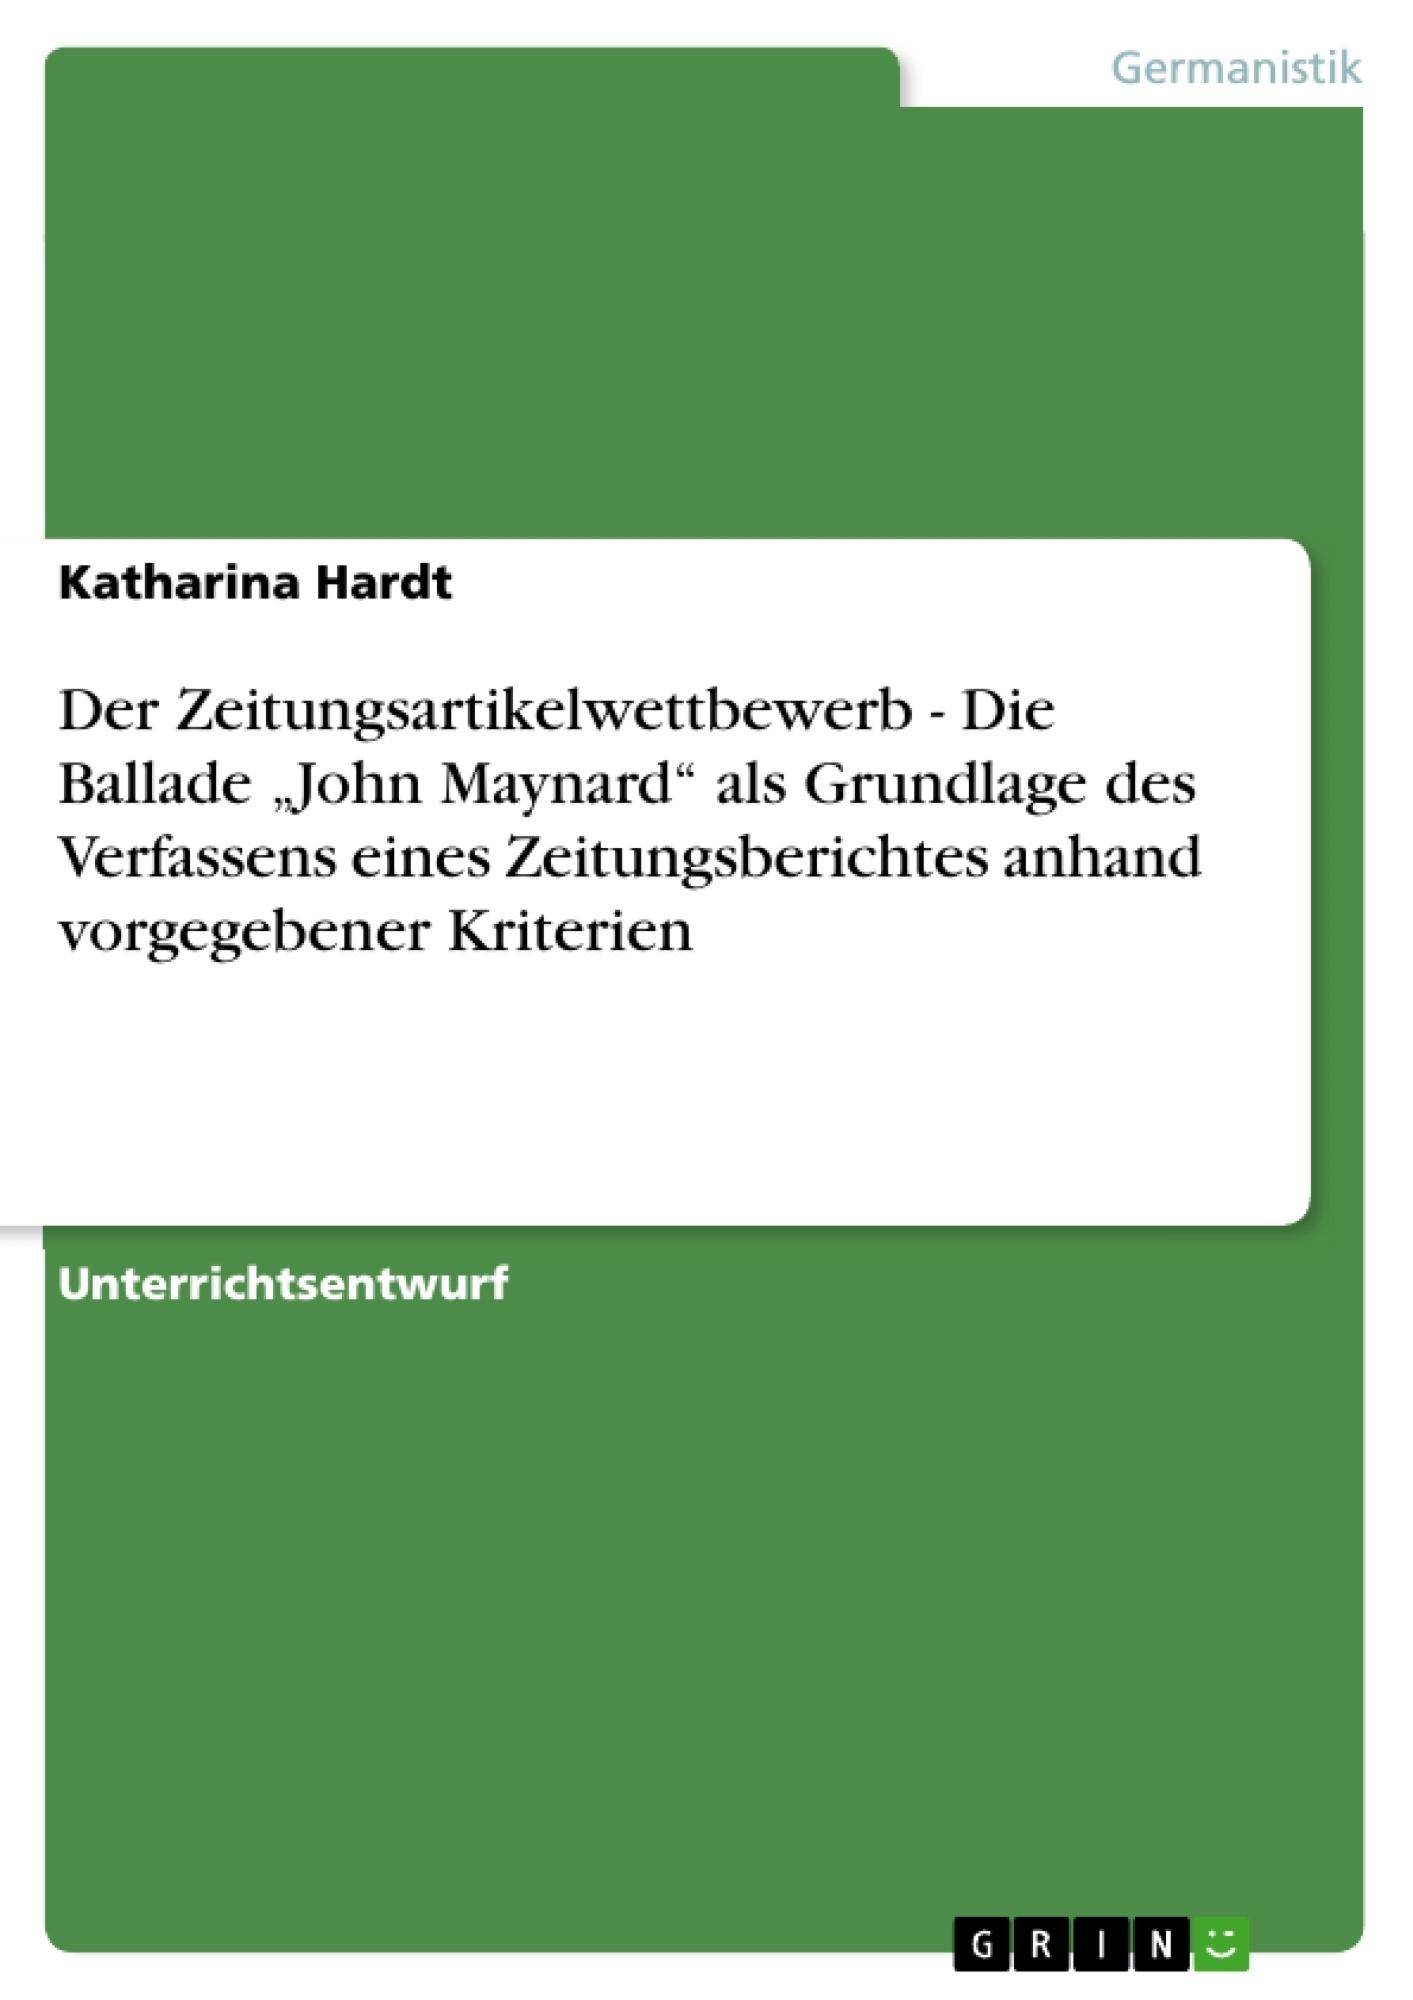 """Titel: Der Zeitungsartikelwettbewerb - Die Ballade """"John Maynard"""" als Grundlage des Verfassens eines Zeitungsberichtes anhand vorgegebener Kriterien"""